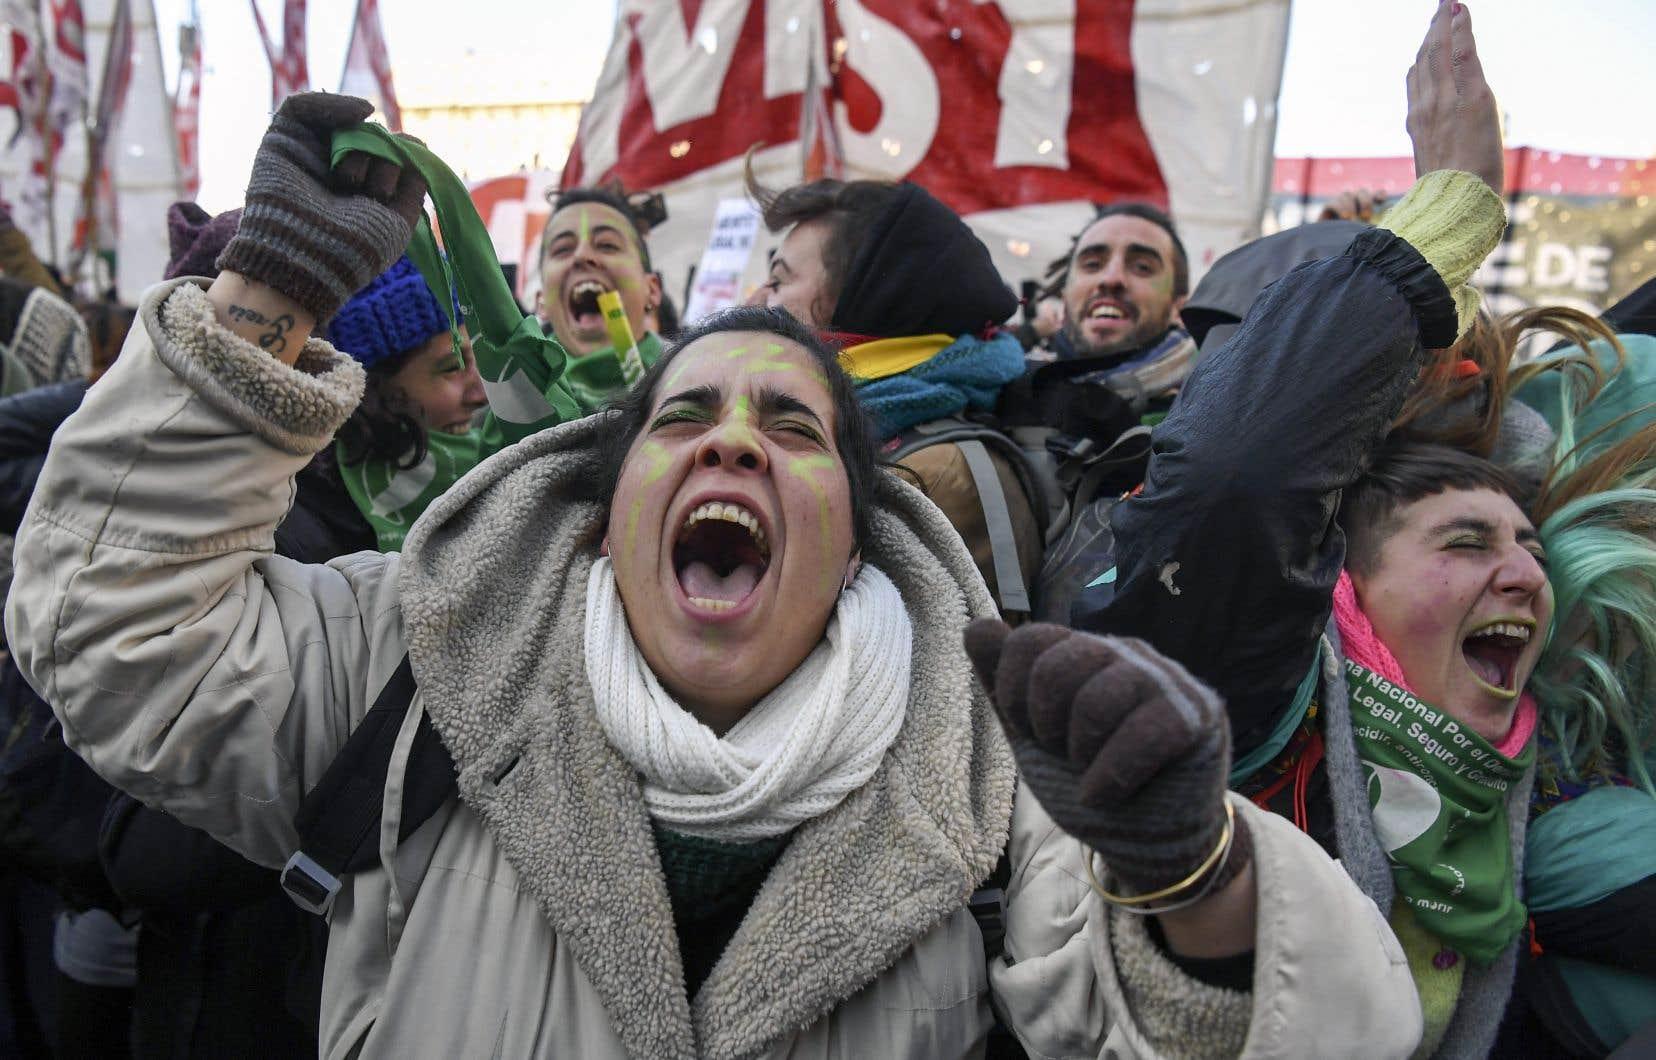 Cris de joie, étreintes, chants… Les personnes prolégalisation ont exprimé leur bonheur après l'annonce de la victoire du oui au référendum sur la légalisation de l'avortement.